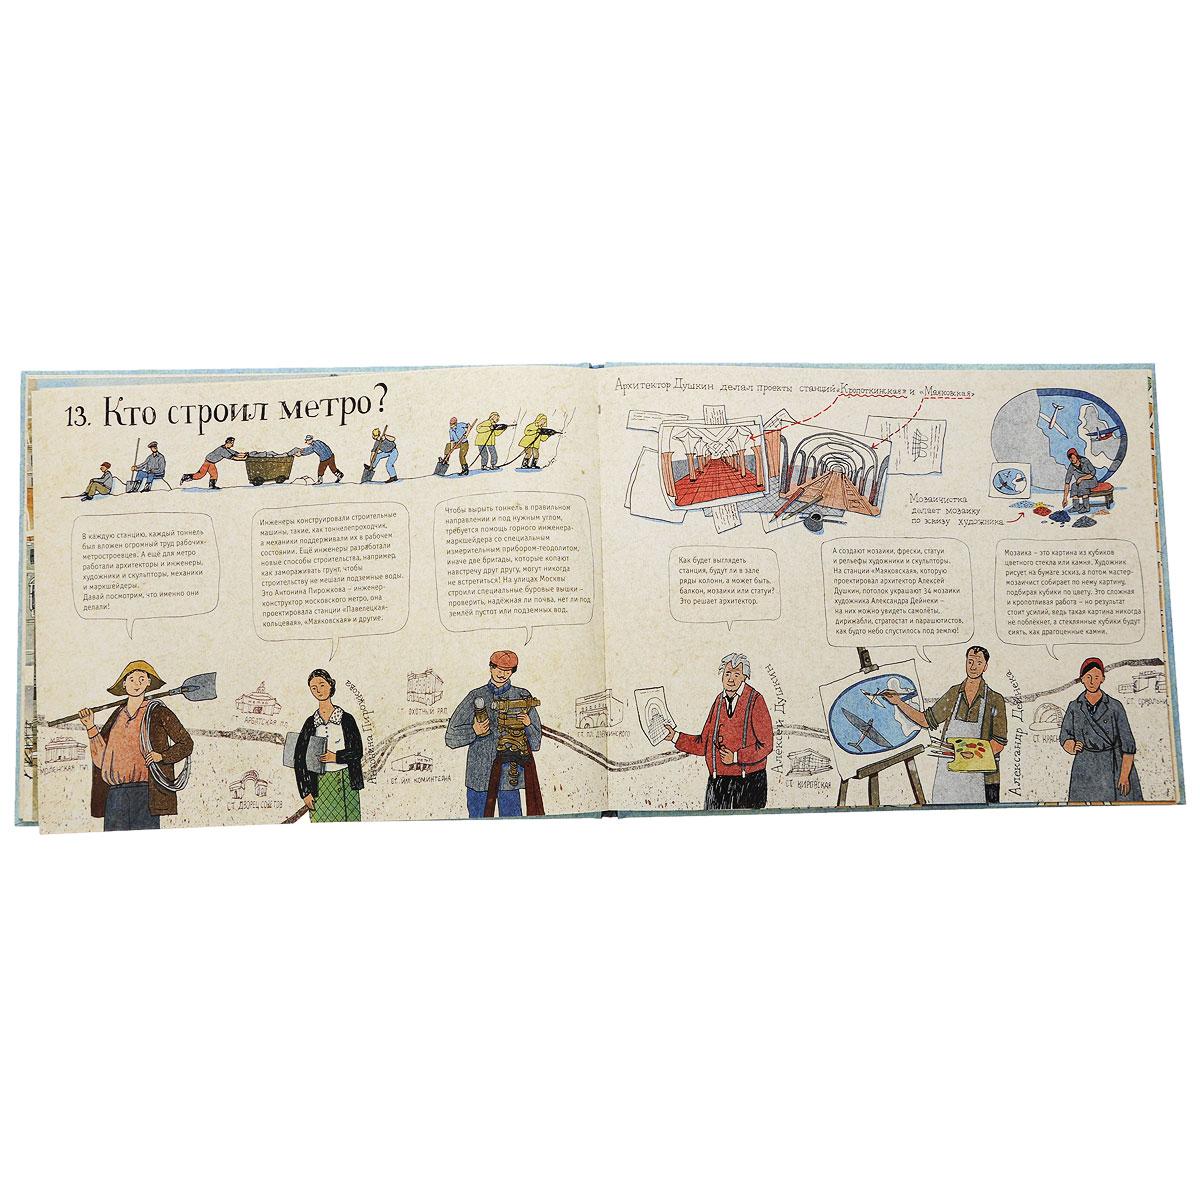 Метро на земле и под землёй. История железной дороги в картинках, Александра Литвина